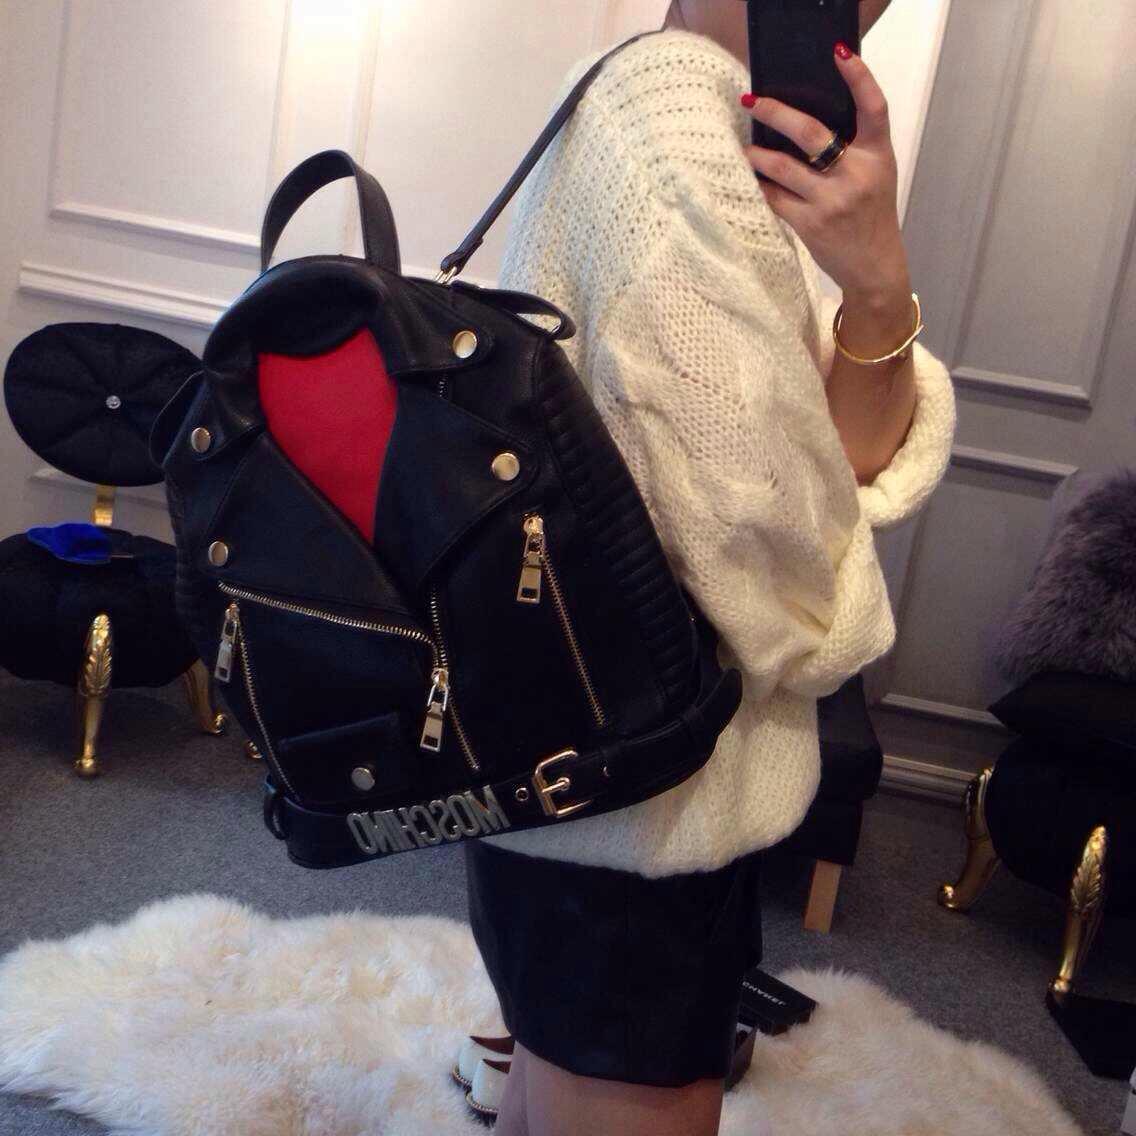 [Праздник] прилив новой Moschino рюкзак Европы и McDonald's Сумки нагрудные черный рюкзак